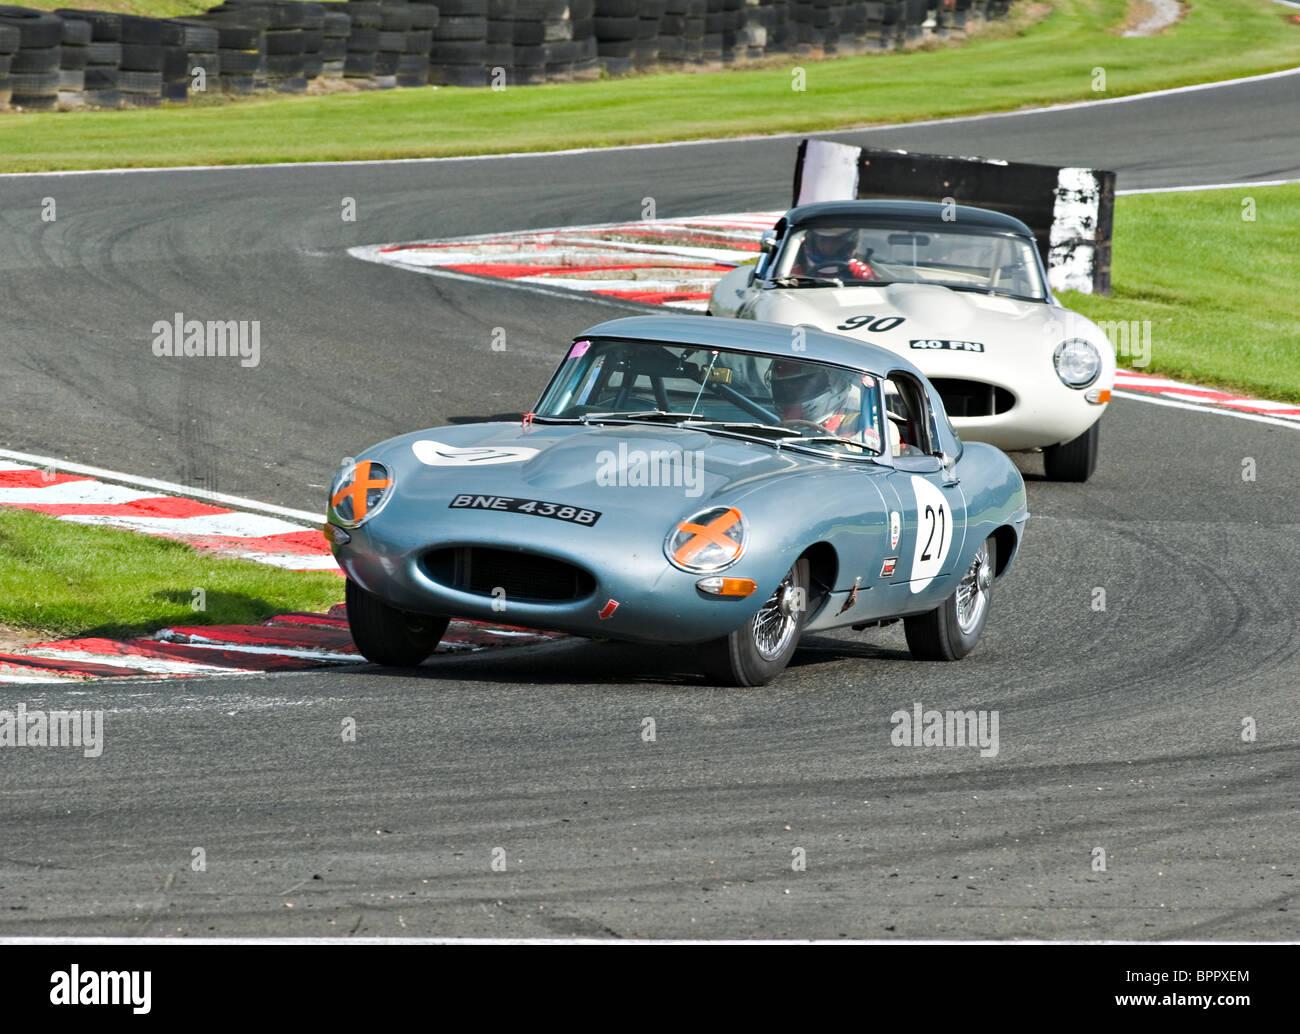 Two E Type Jaguar Race Cars Negotiate Brittens At Oulton Park